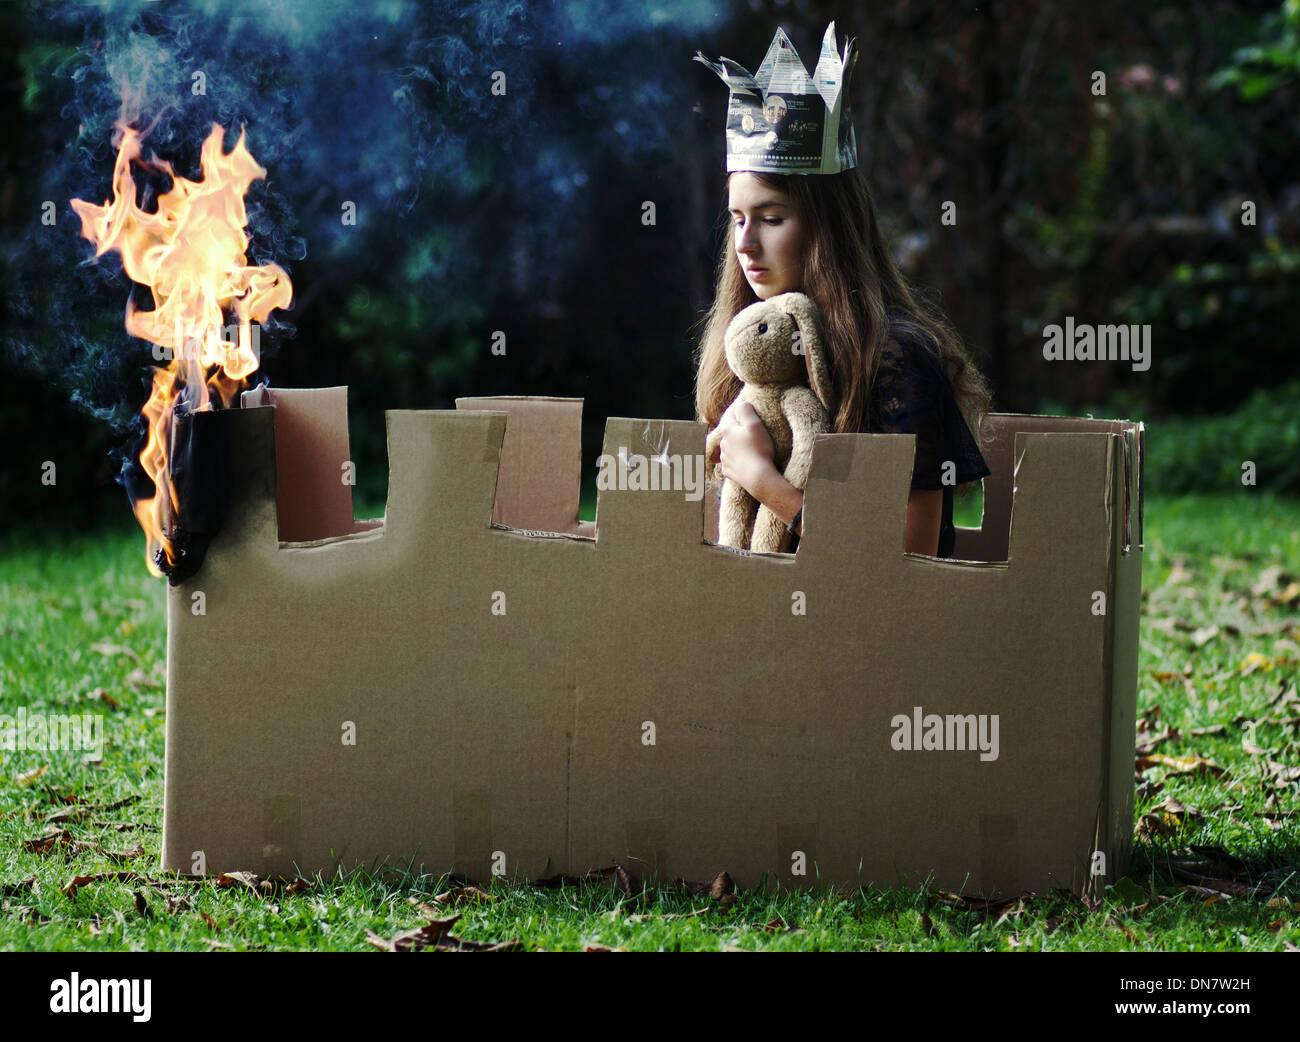 Jeune fille avec peluche et couronne de papier se trouve dans un château en feu fait Of carton Photo Stock